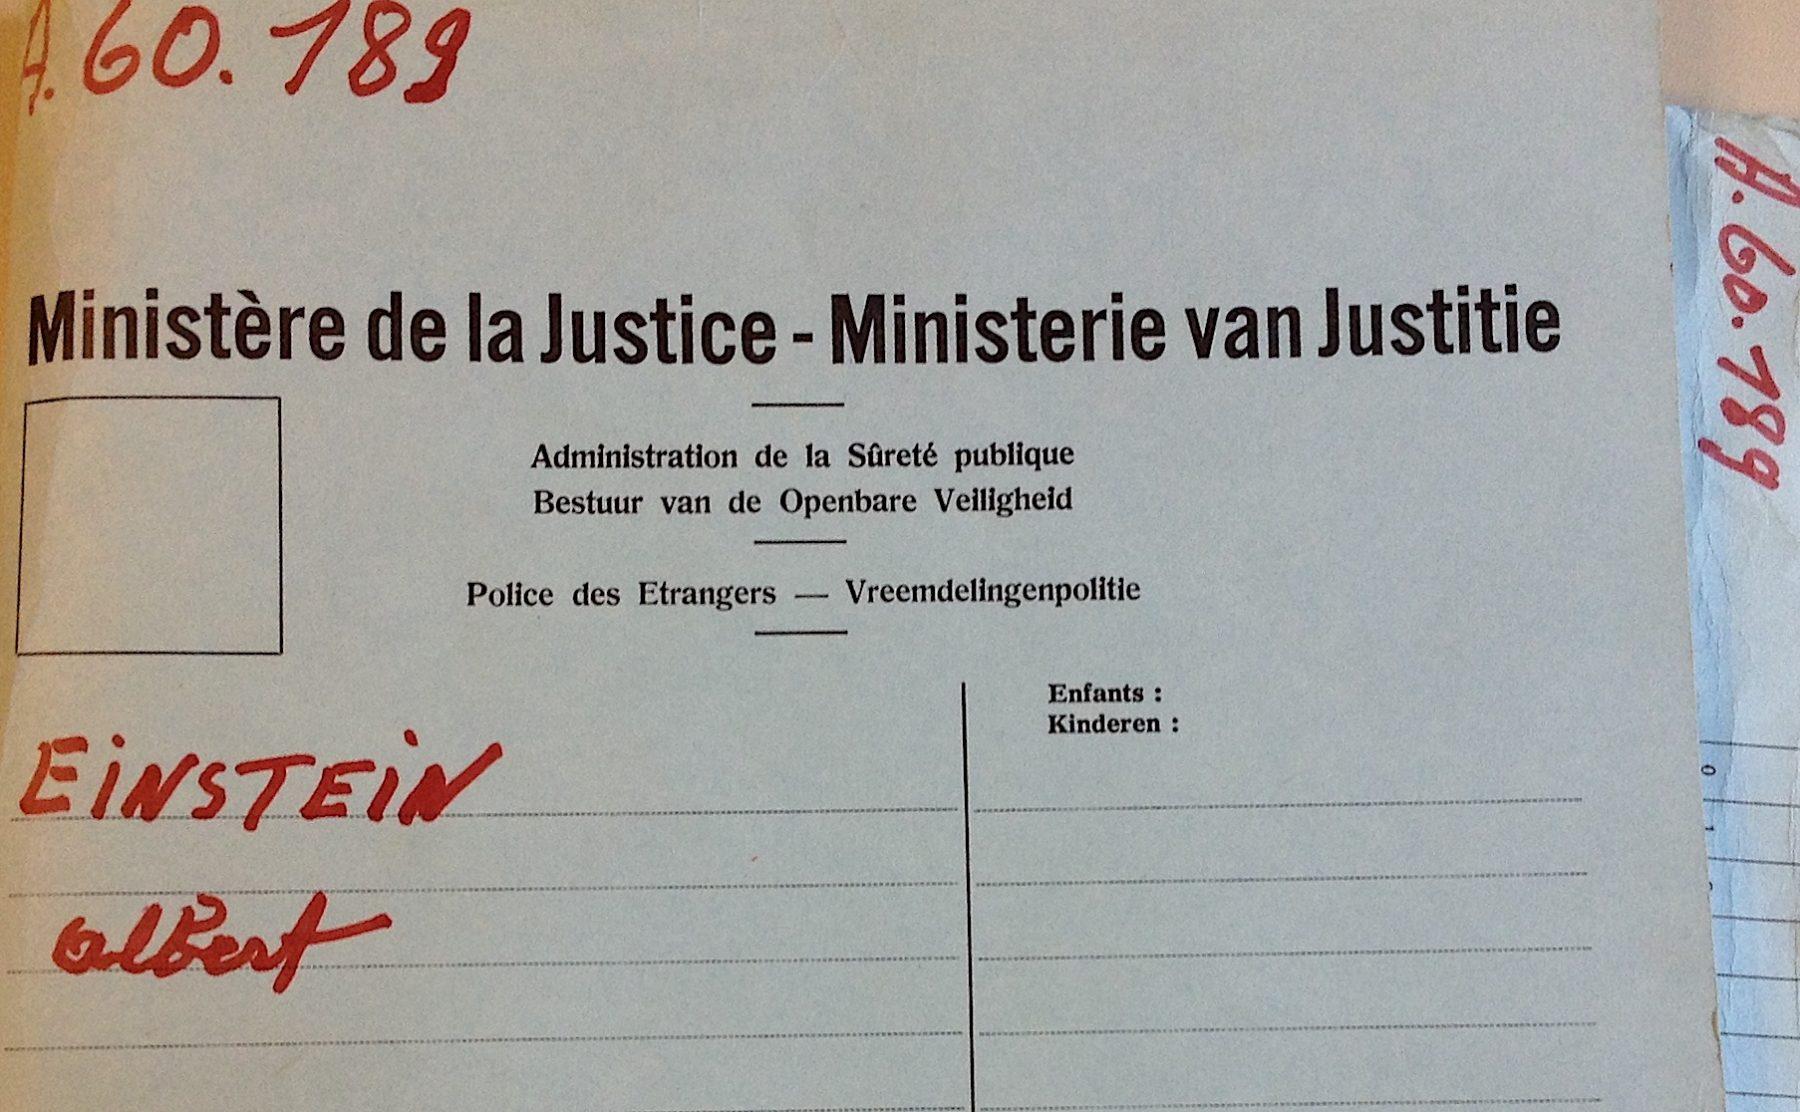 Parmi les documents conservés aux Archives générales du royaume, il existe de nombreuses pépites. Comme le dossier d'Albert Einstein, élaboré par la Police des Etrangers.